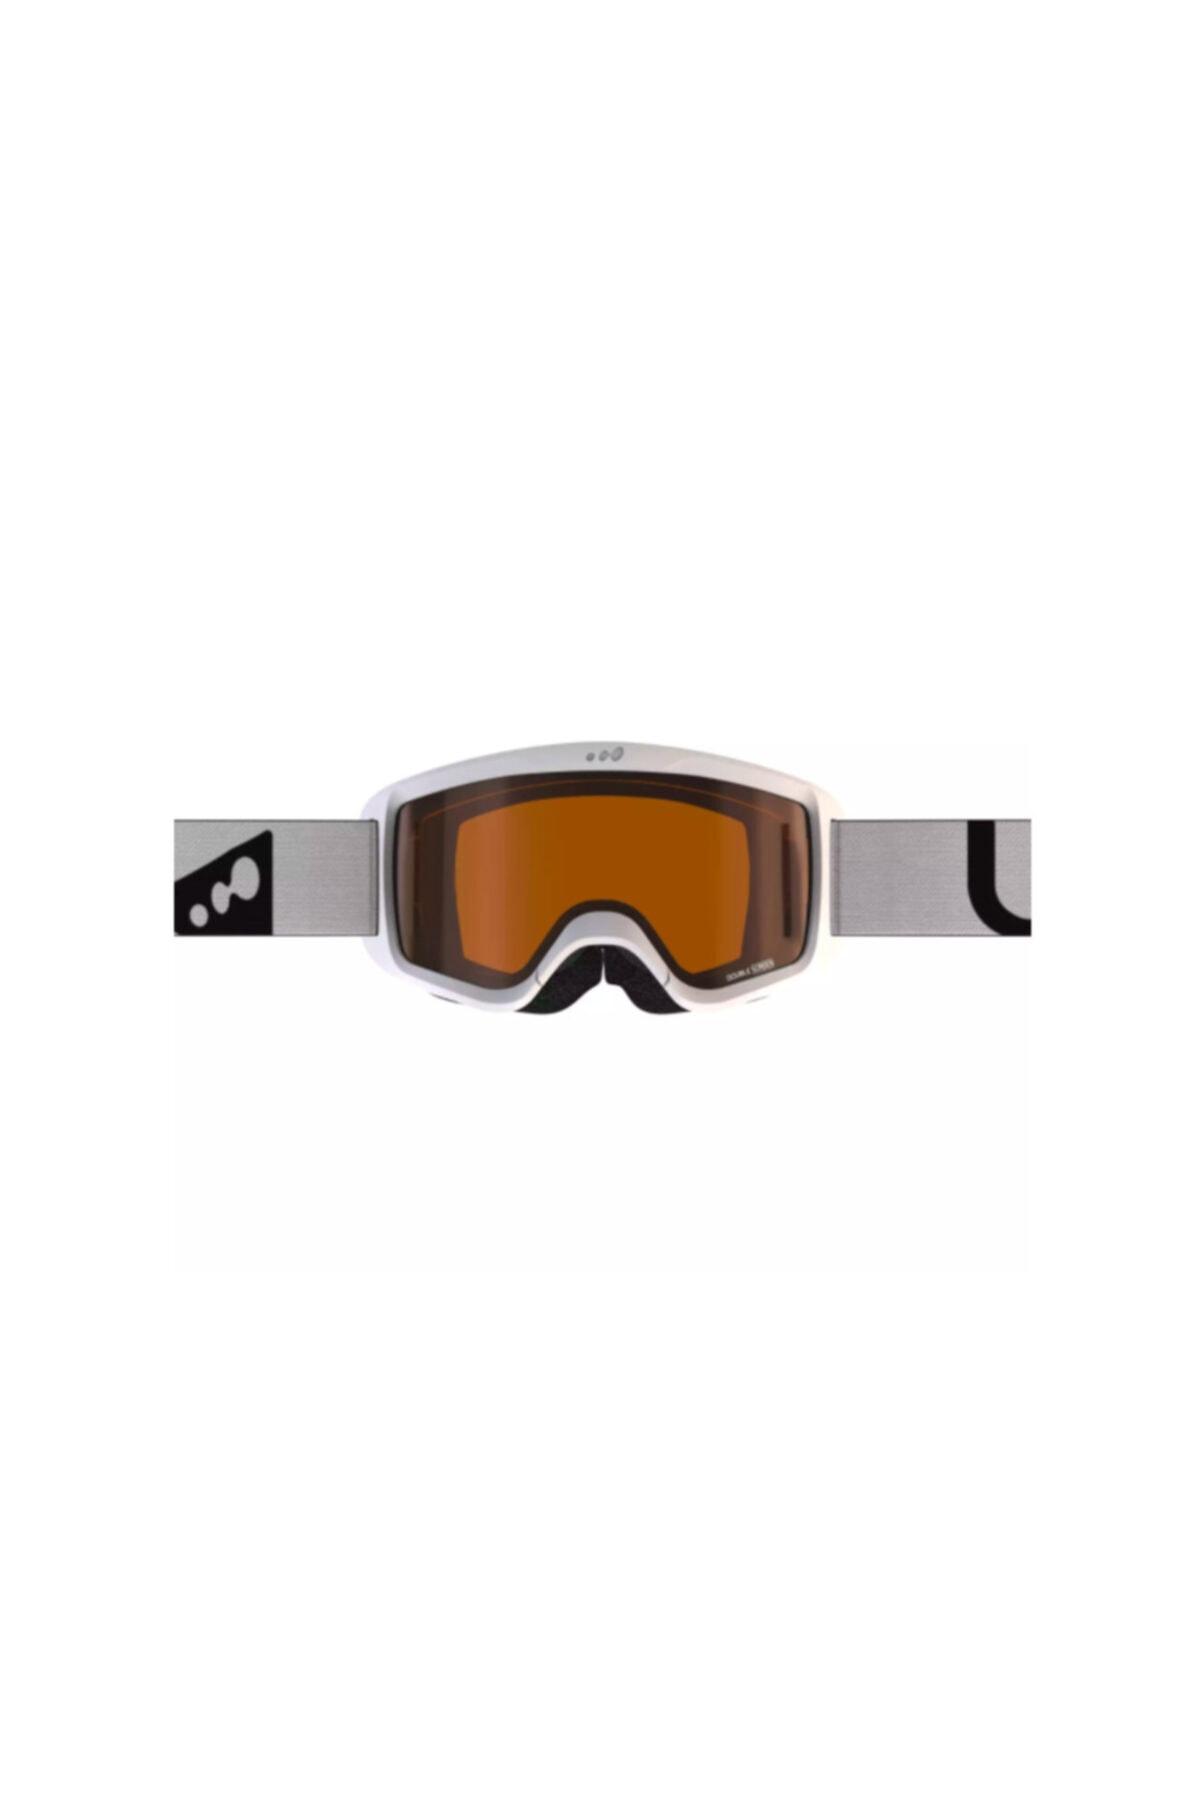 WEDZE Kayak / Snowboard Kayak Gözlüğü - Yetişkin / Çocuk - Beyaz - G 140 S3 2